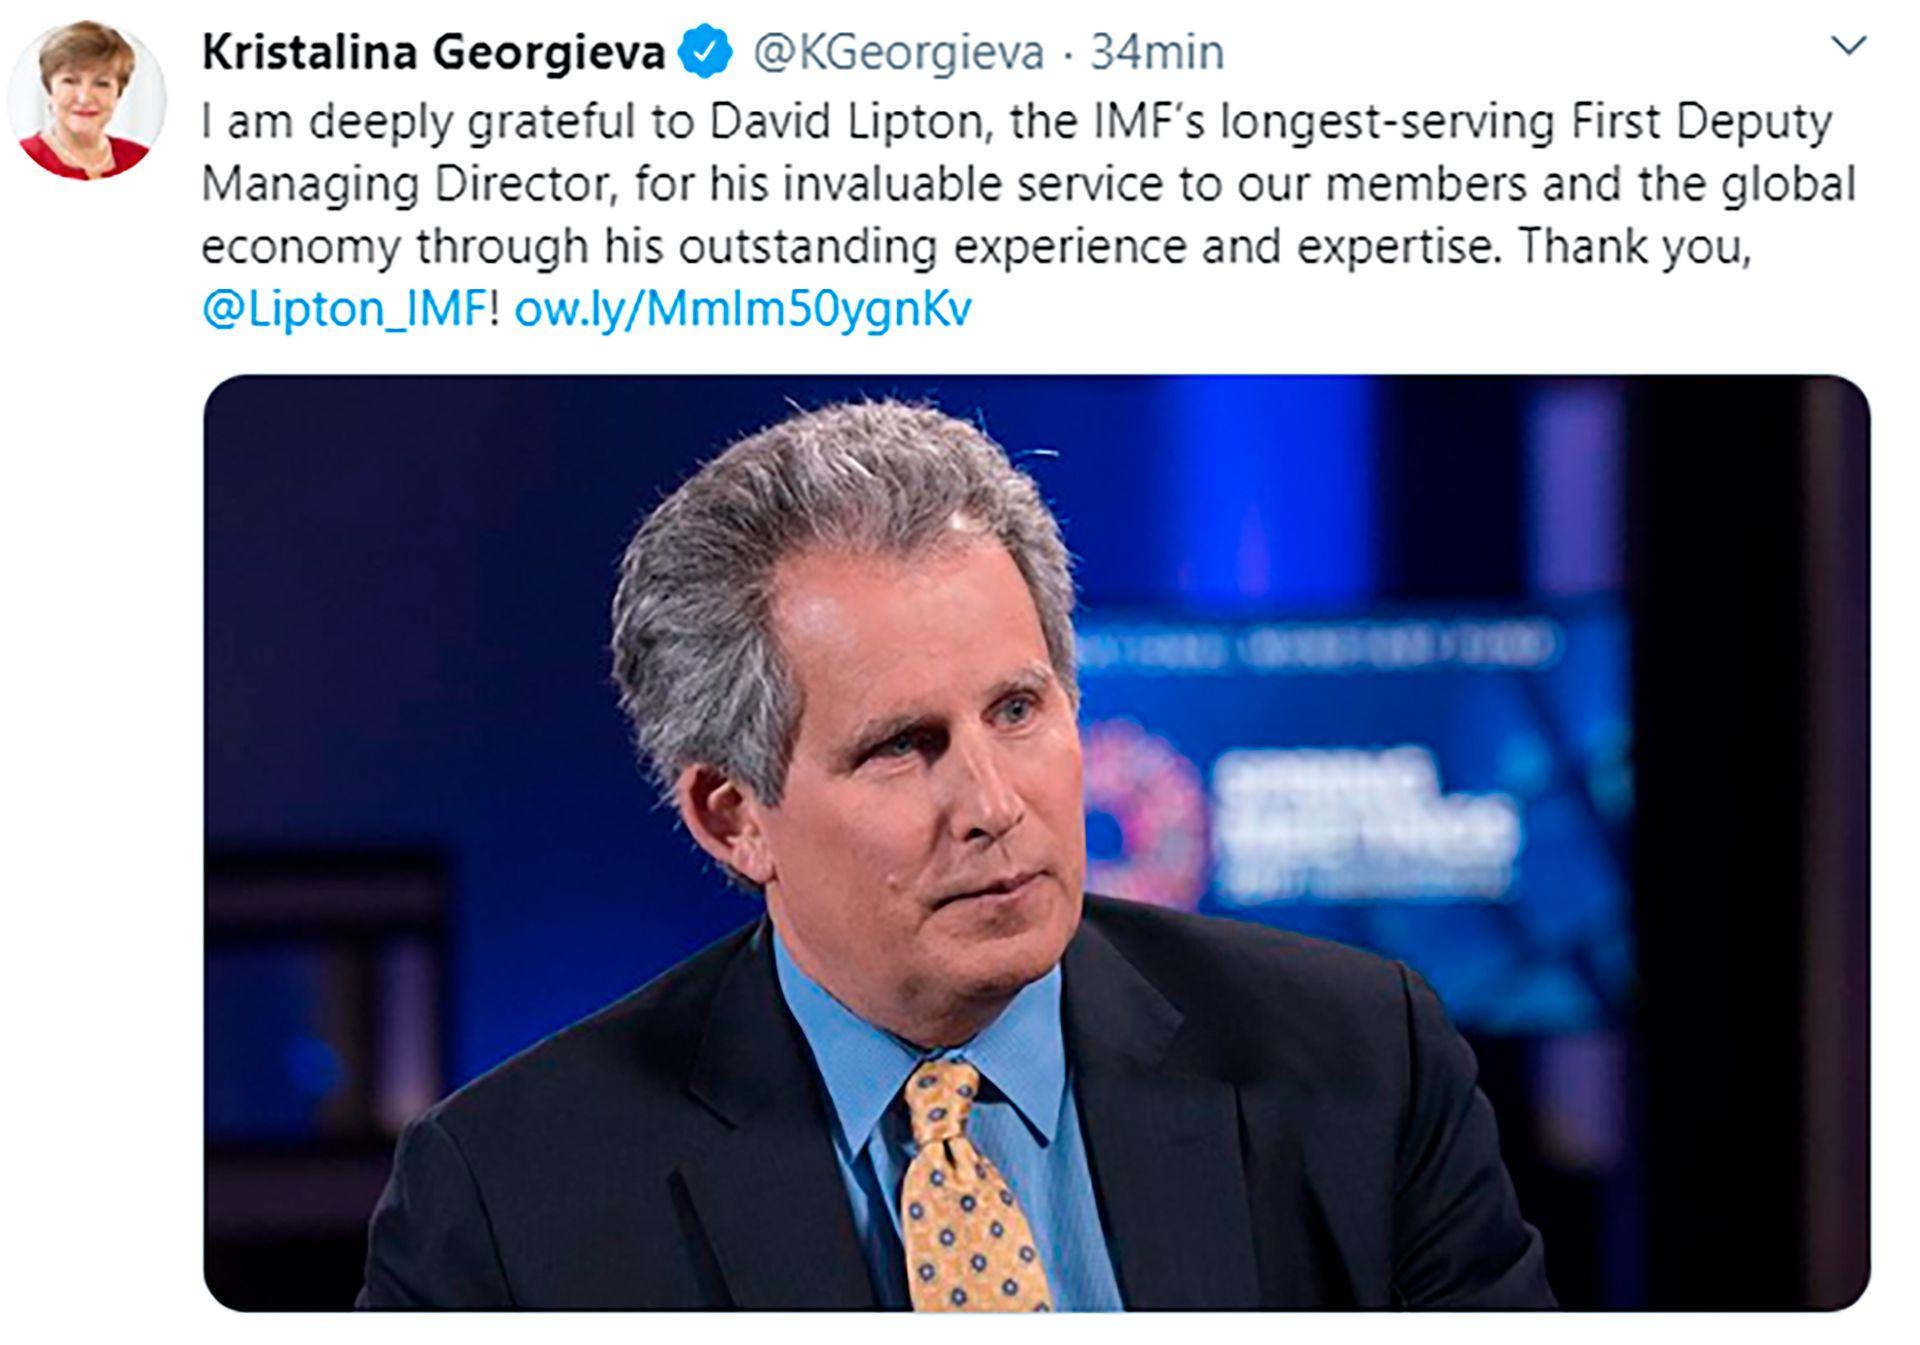 El tuit con el que Georgieva saludó al entonces saliente número dos del FMI, David Lipton, que ahora desde el Tesoro de EEUU es una voz importante cuando se debate la política de EEUU en el Fondo